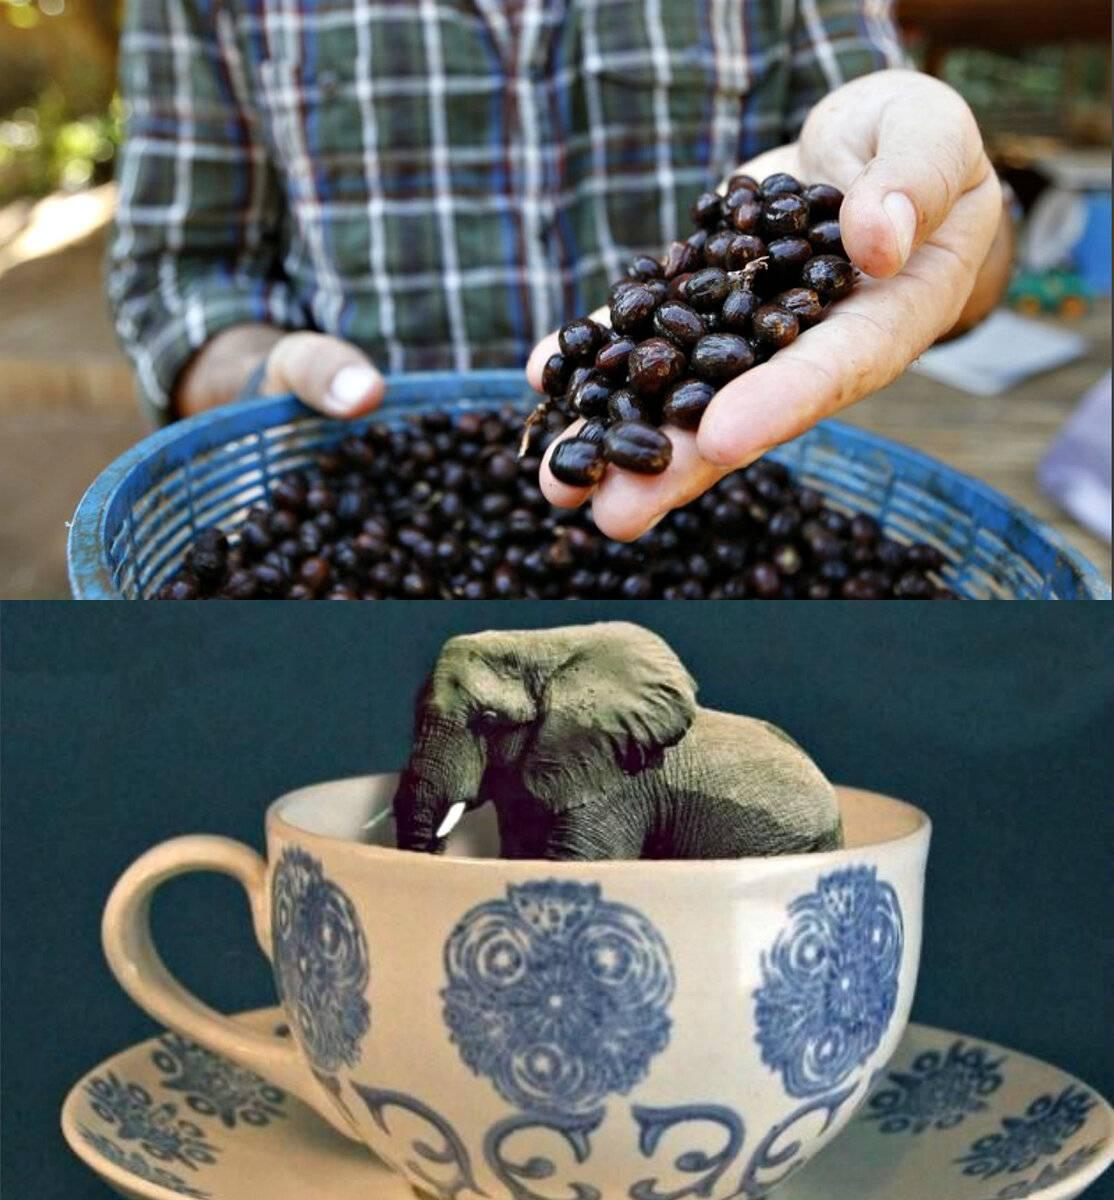 Самый дорогой кофе в мире отнюдь не копи лювак!